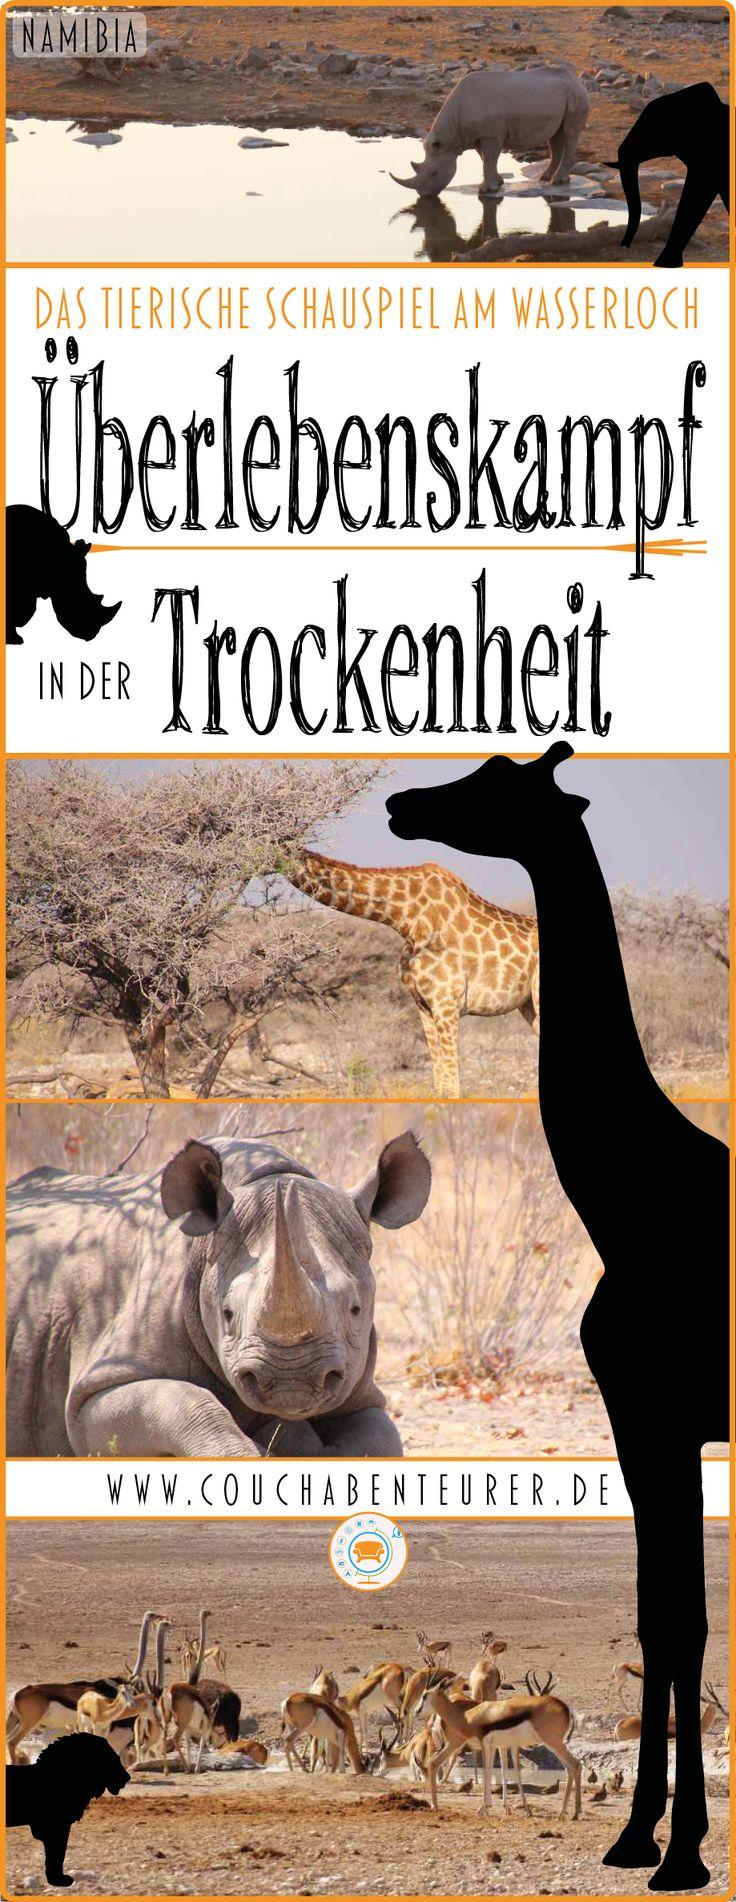 Wasser ist Leben und gerade in Afrika wird einem dies sehr deutlich vor Augen geführt. Ausgetrocknete Flussläufe, magere Tiere, staubige Straßen und laublose Bäume sind Symbole von Trockenheit und Dürre. Ein feuchtigkeitsspendendes Wasserloch ist dann nicht nur eine Oase des Lebens, sondern wird auch zum Pilgerort & Stelldichein von wilden Tieren und somit ein Highlight für Beobachter und Fotografen. #afrika #reisen #urlaub #ferien #tiere #wasserloch #nashorn #giraffe #travel #africa…